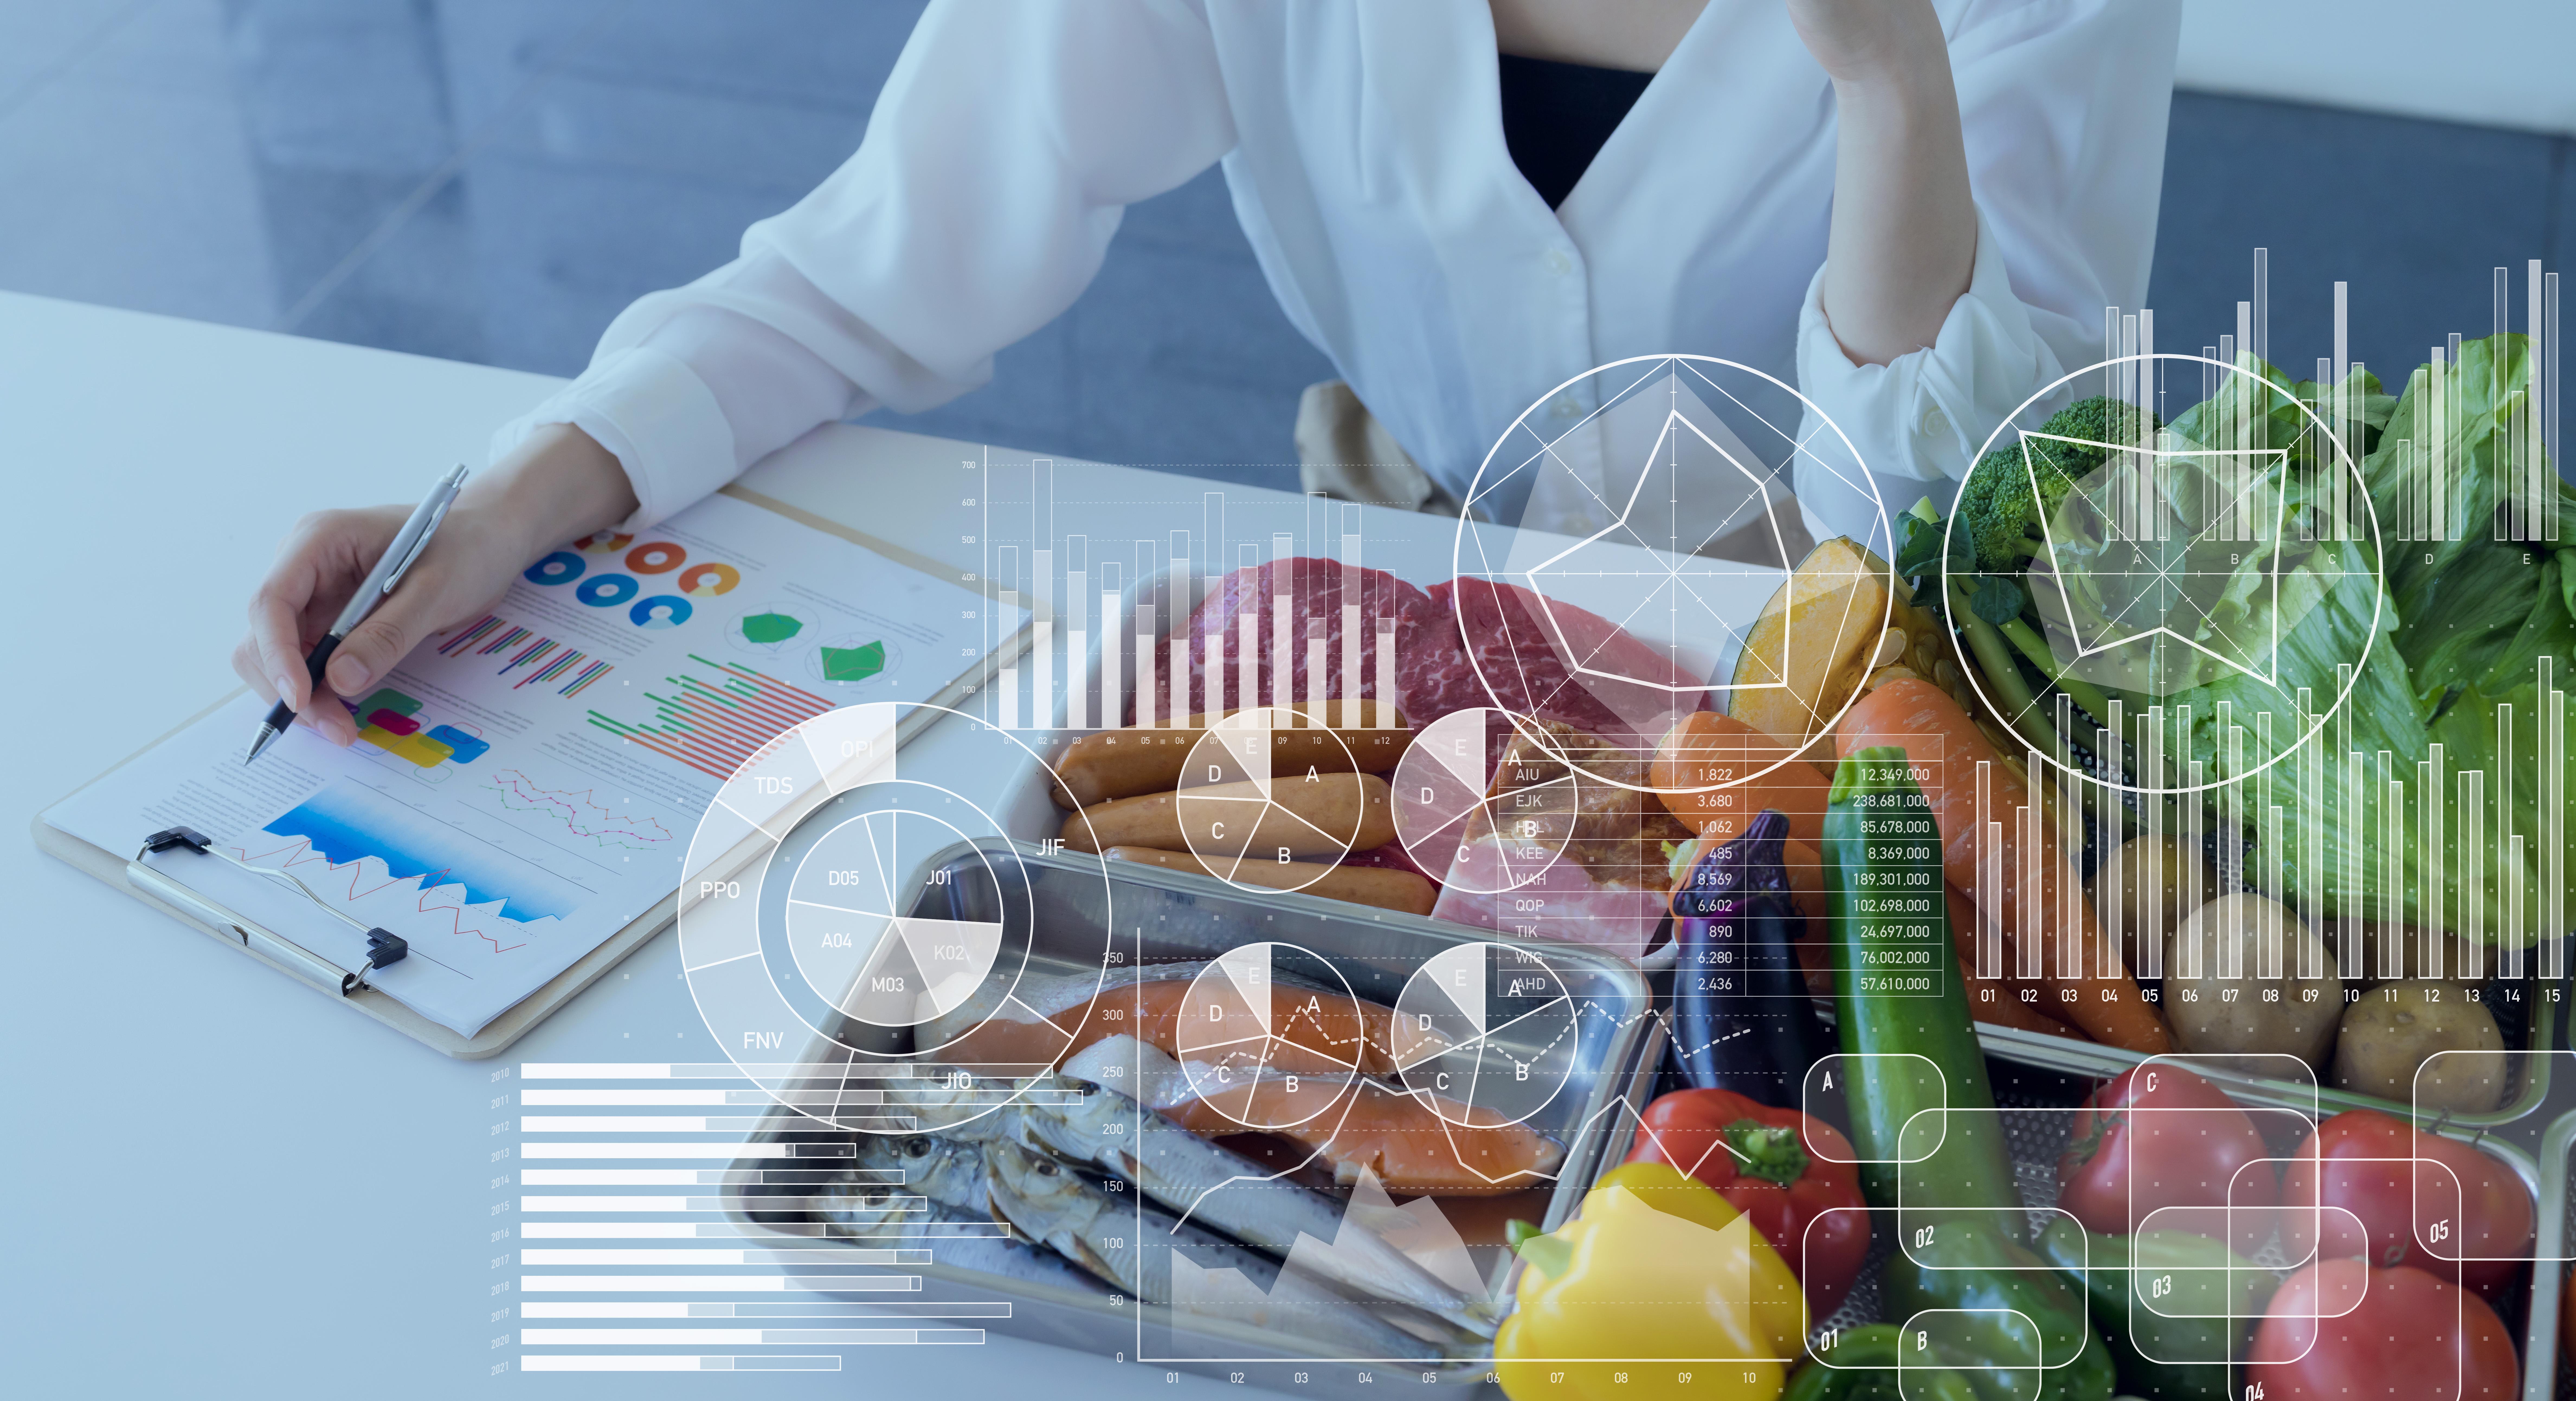 Read more about the article Analiza potencjalnego zagrożenia zdrowia konsumentów wynikającego z obecności pozostałości pestycydów w żywności dostępnej na polskim rynku w roku 2018